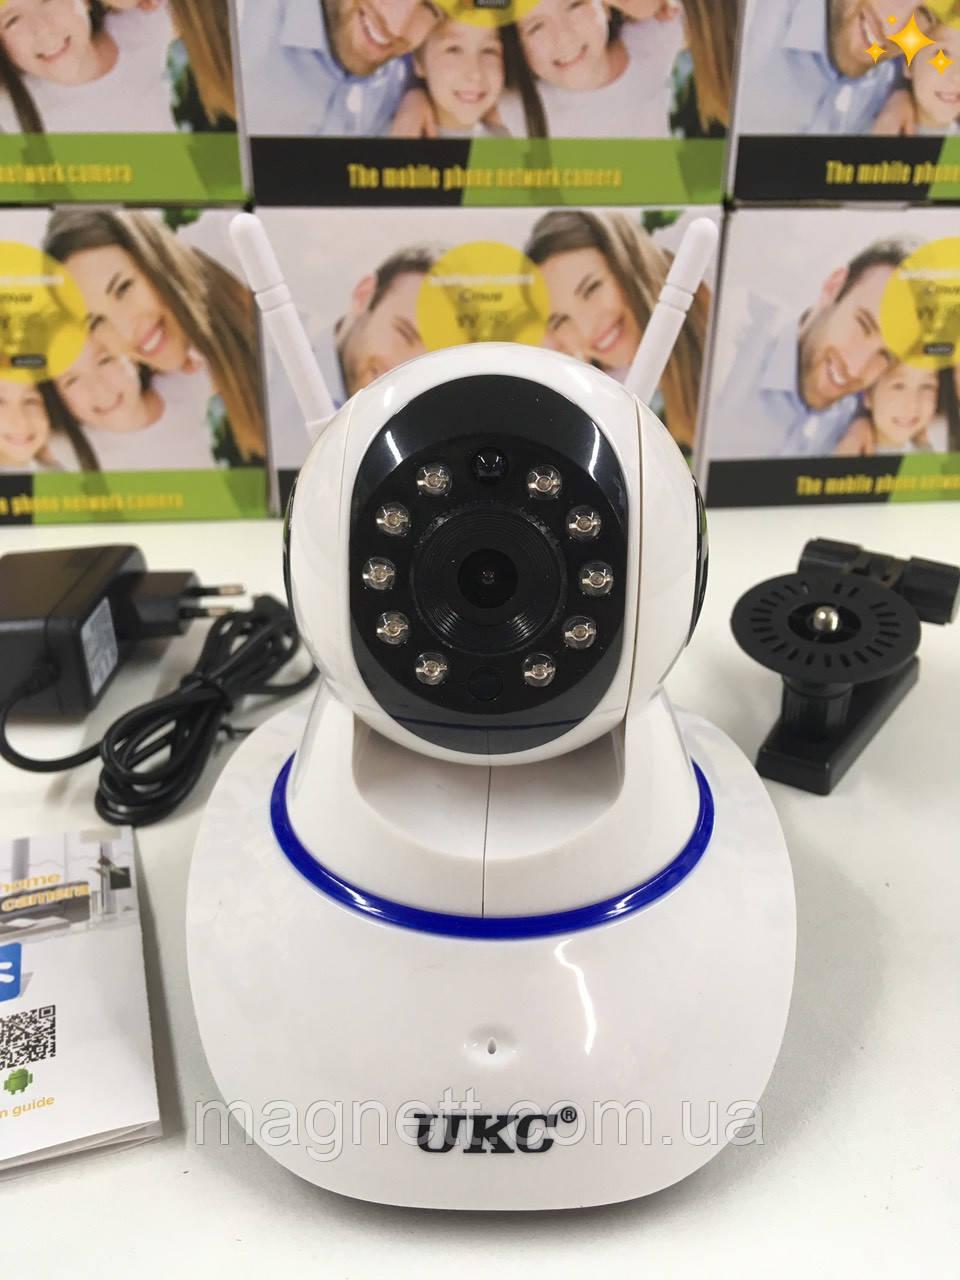 Поворотная IP камера видеонаблюдения UKC WiFi Camera 360 ° 2 антенны